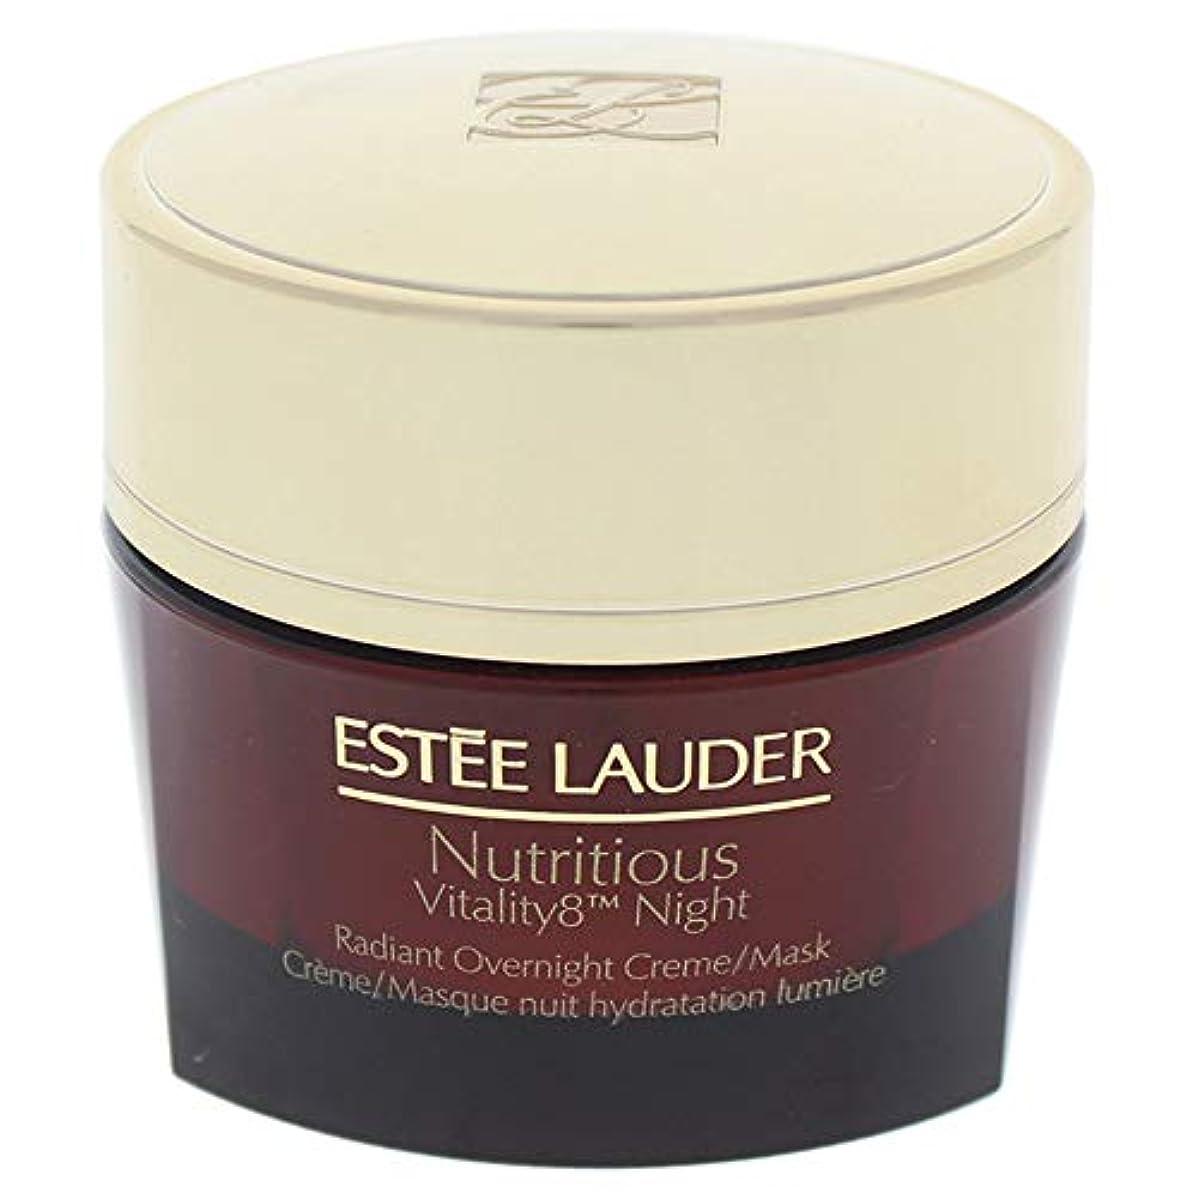 憂慮すべき書き込み誤解を招くNutritious Vitality8 Radiant Overnight Cream